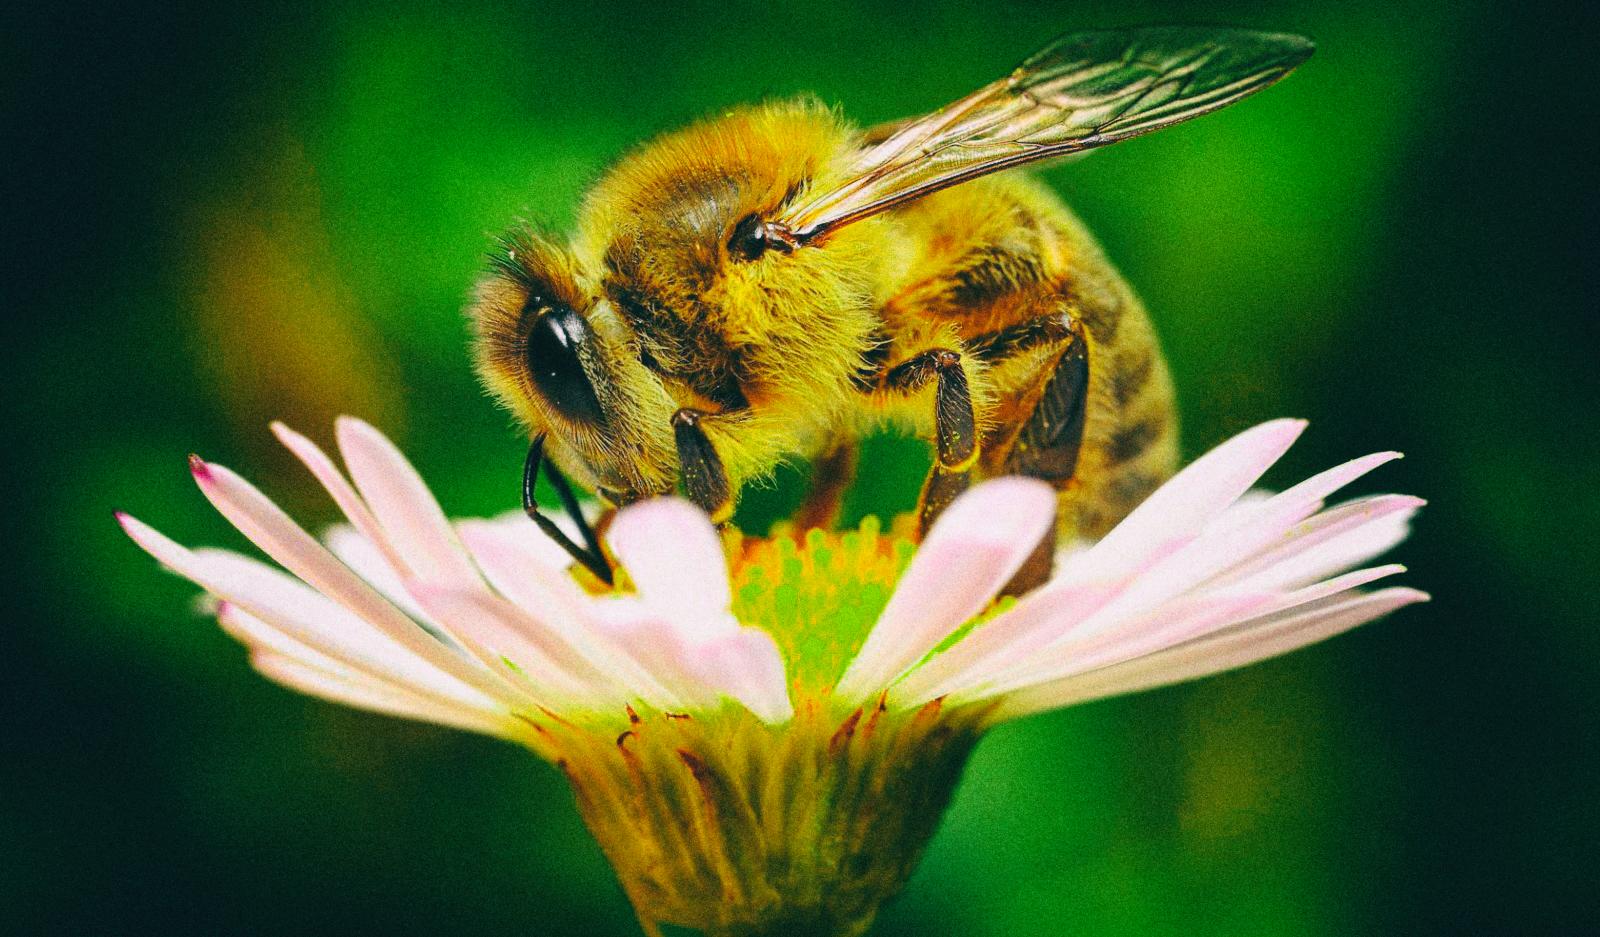 Эта технология спасет сельское хозяйство в случае гибели всех пчел